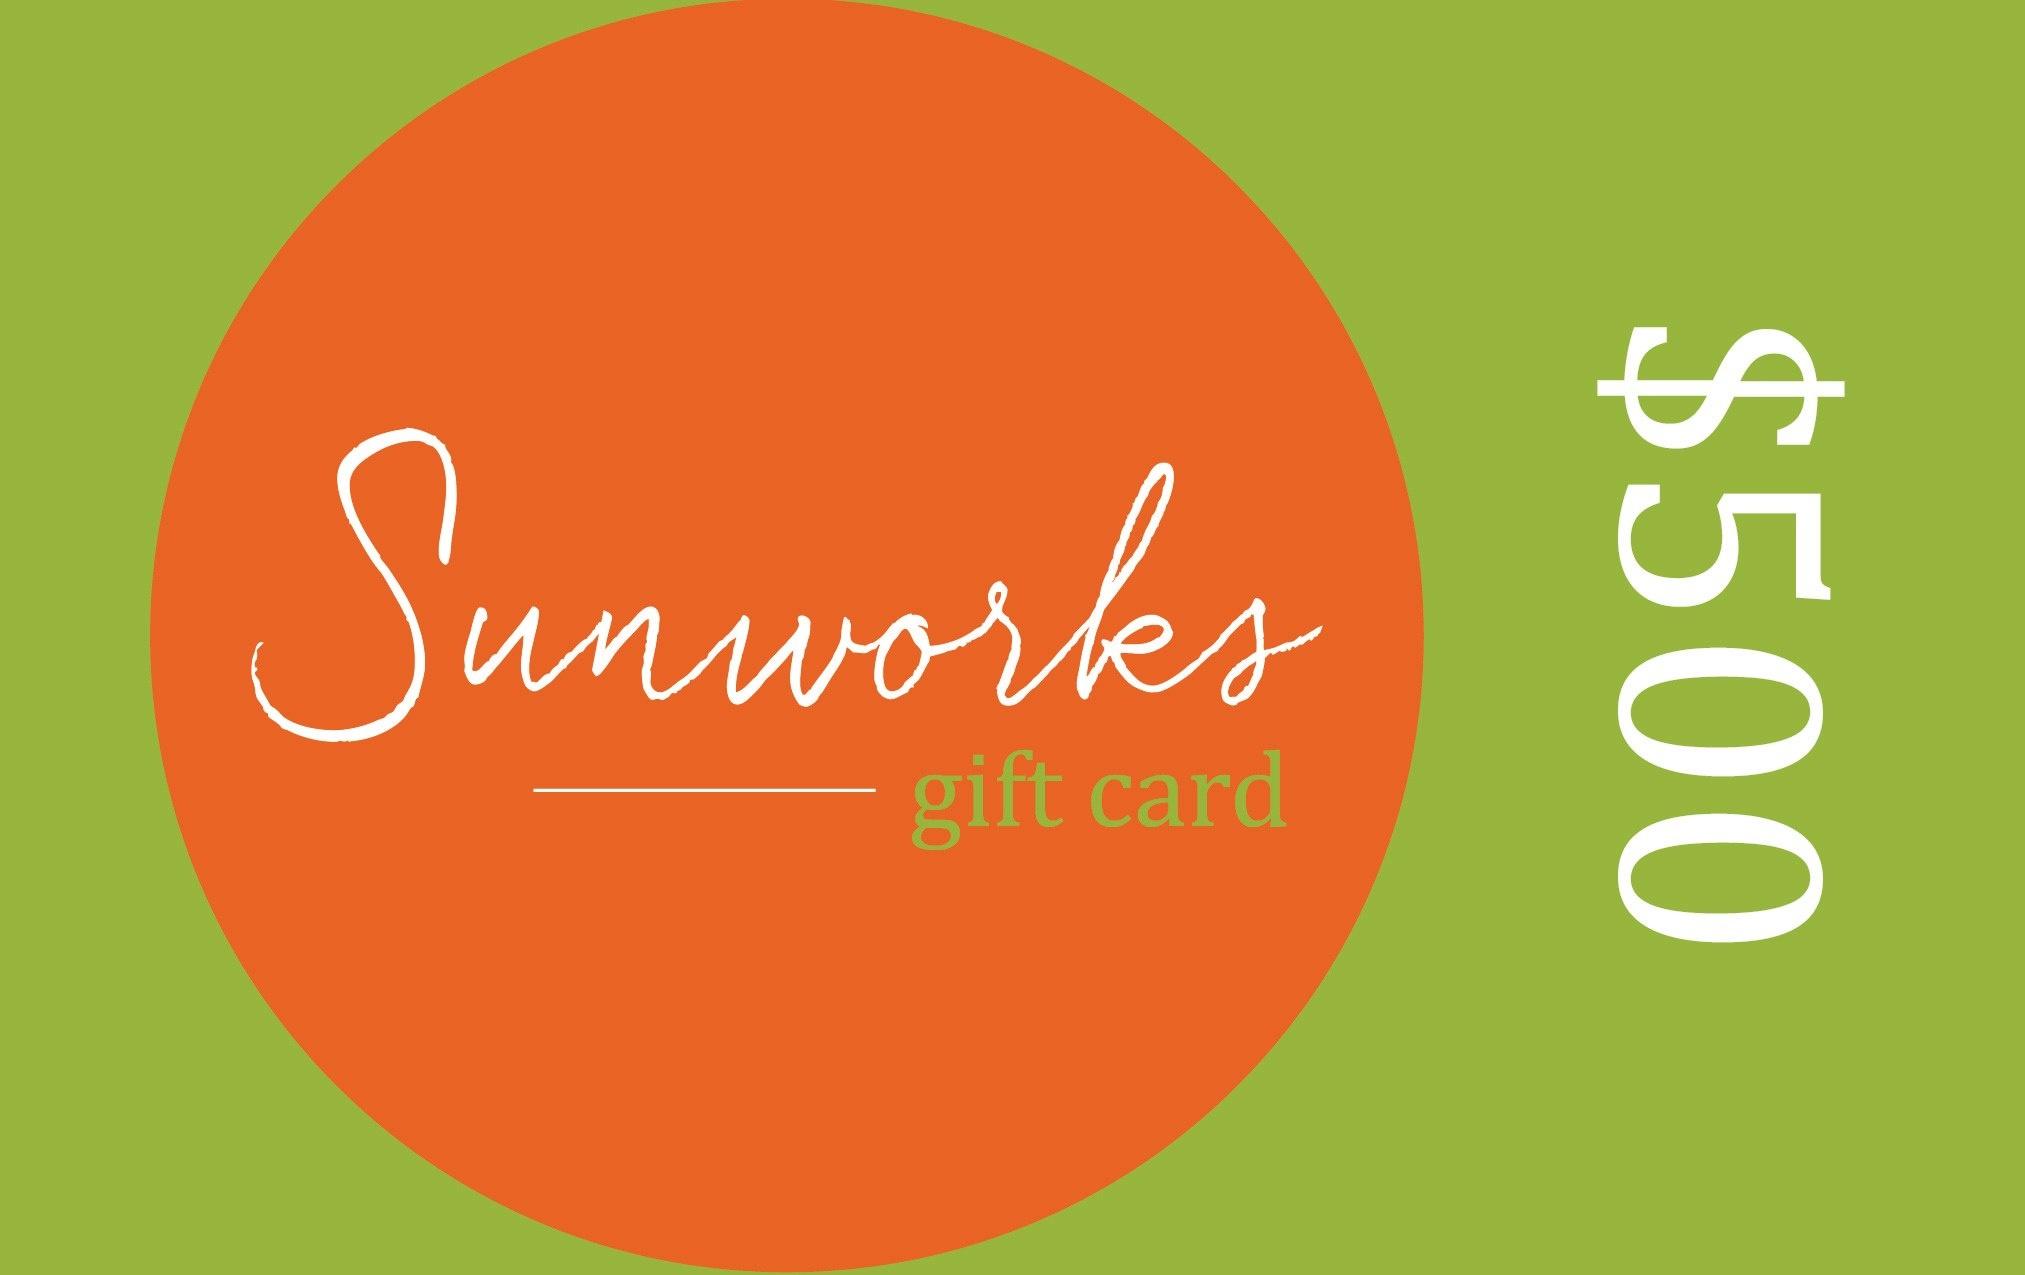 Sunworks Living Sunworks Living Gift Card